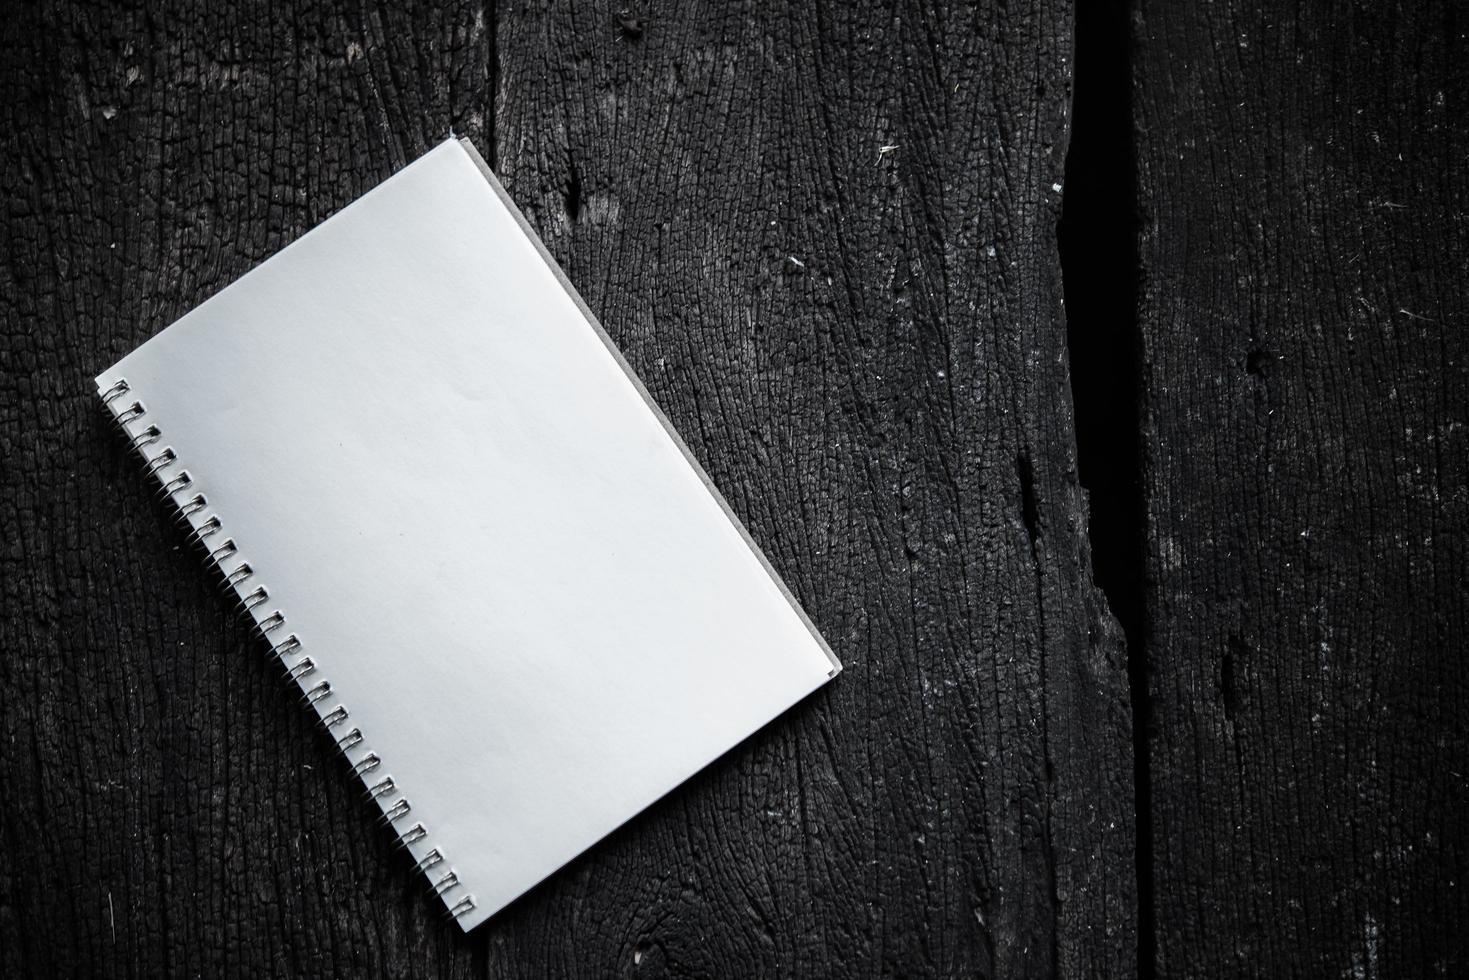 cahier sur fond de texture bois photo